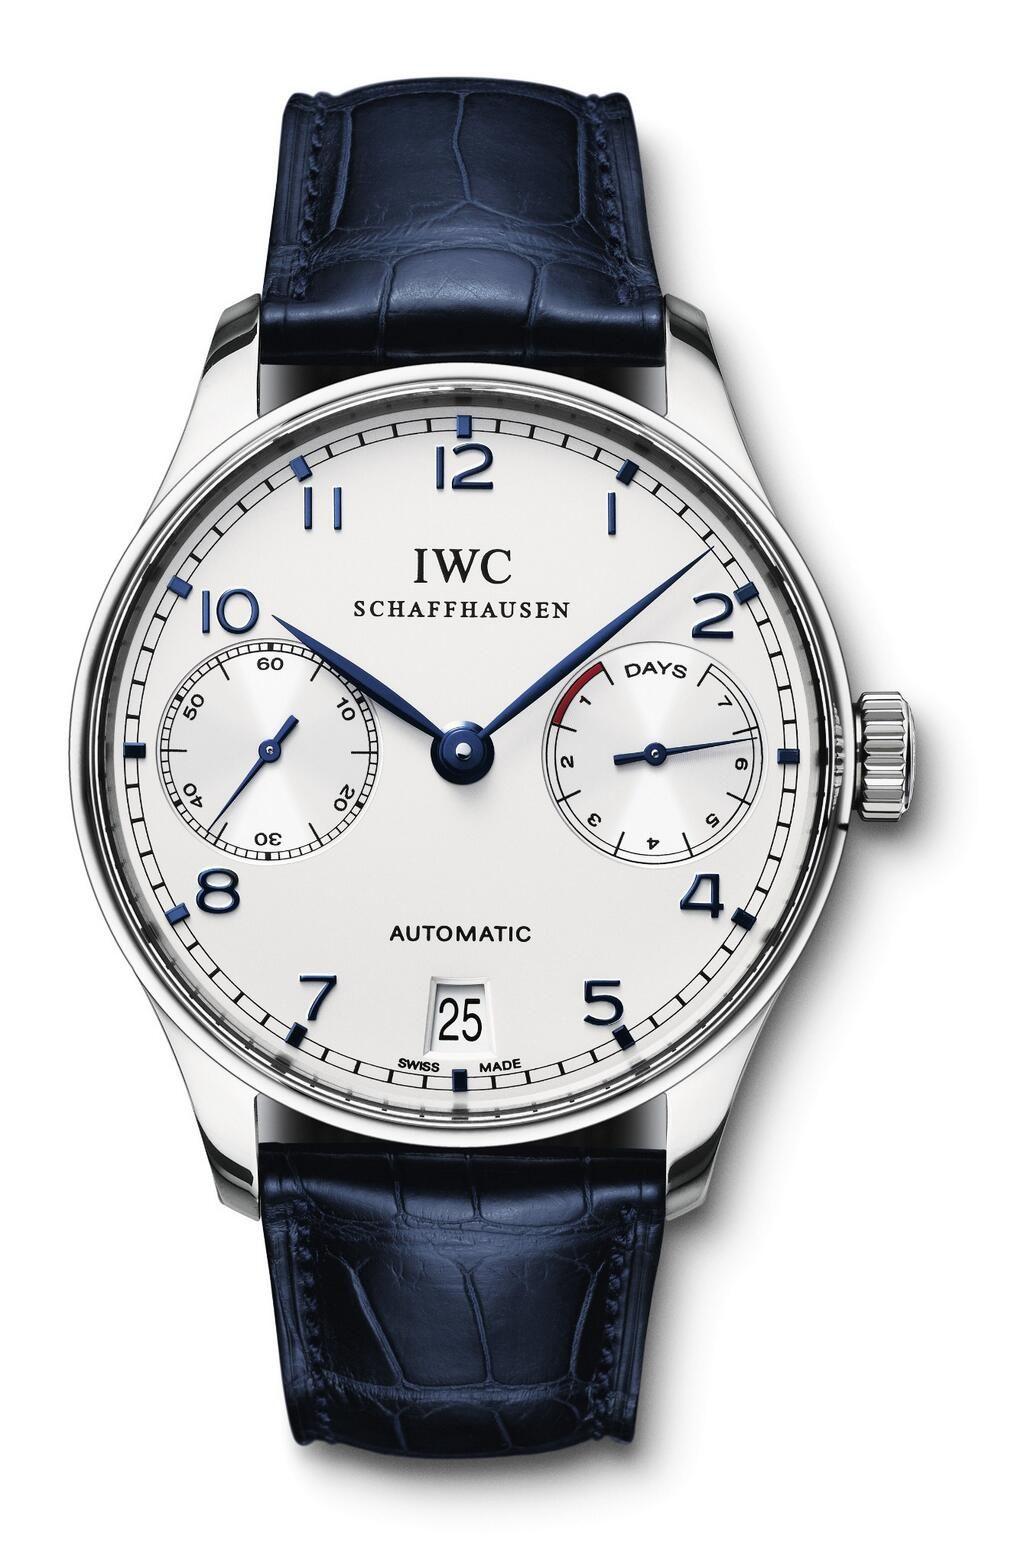 f501d23e636 Pin de Qasim Riaz em Watches